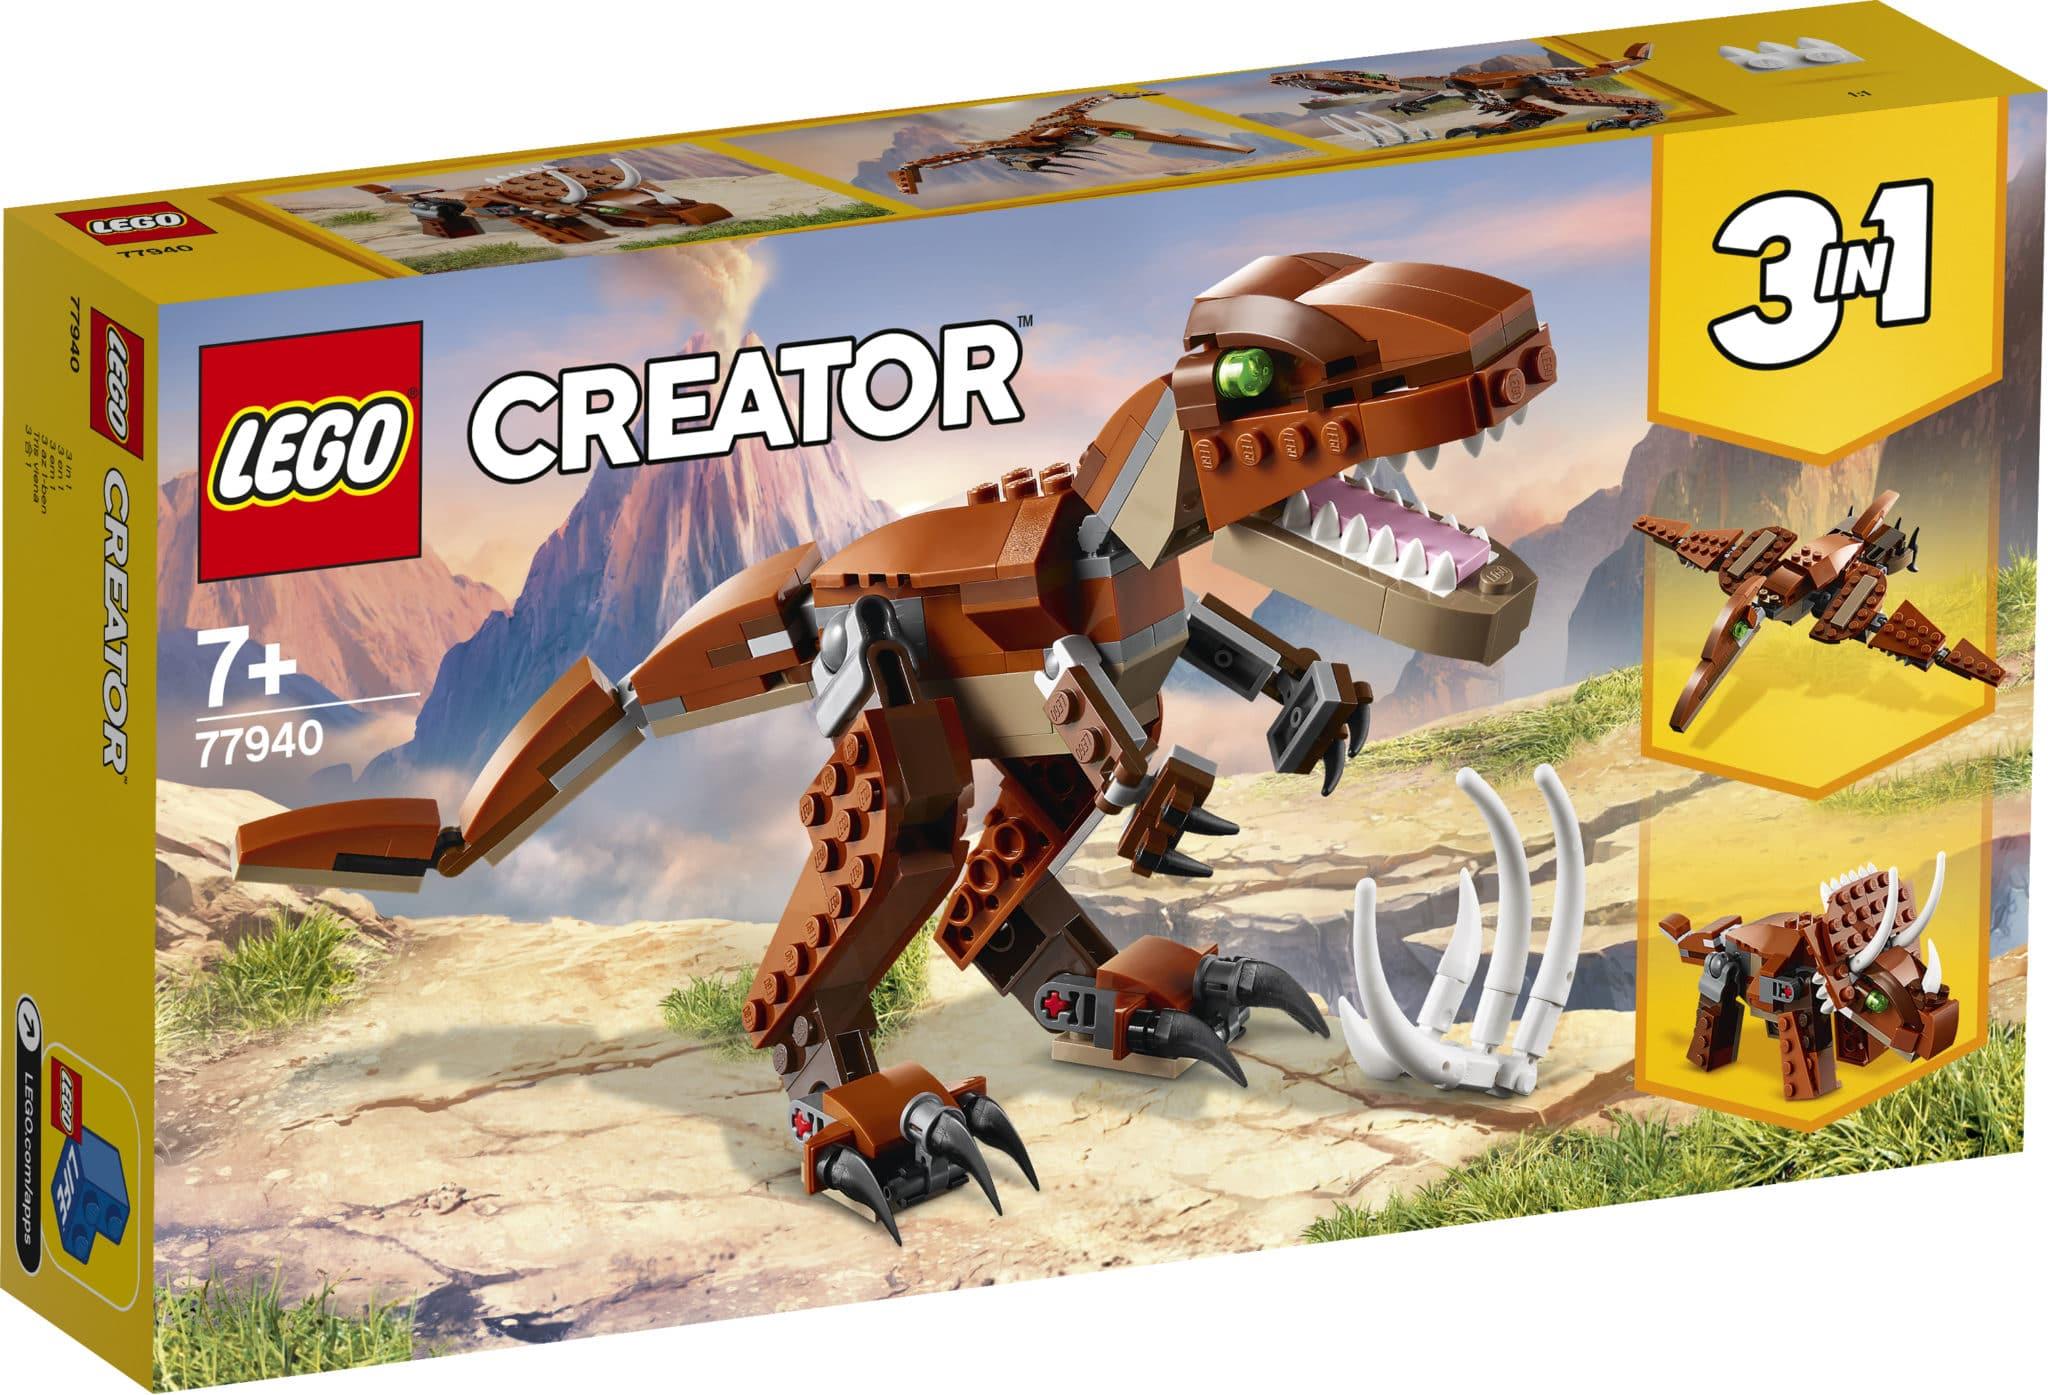 LEGO 77940 Dinosaurier Braun